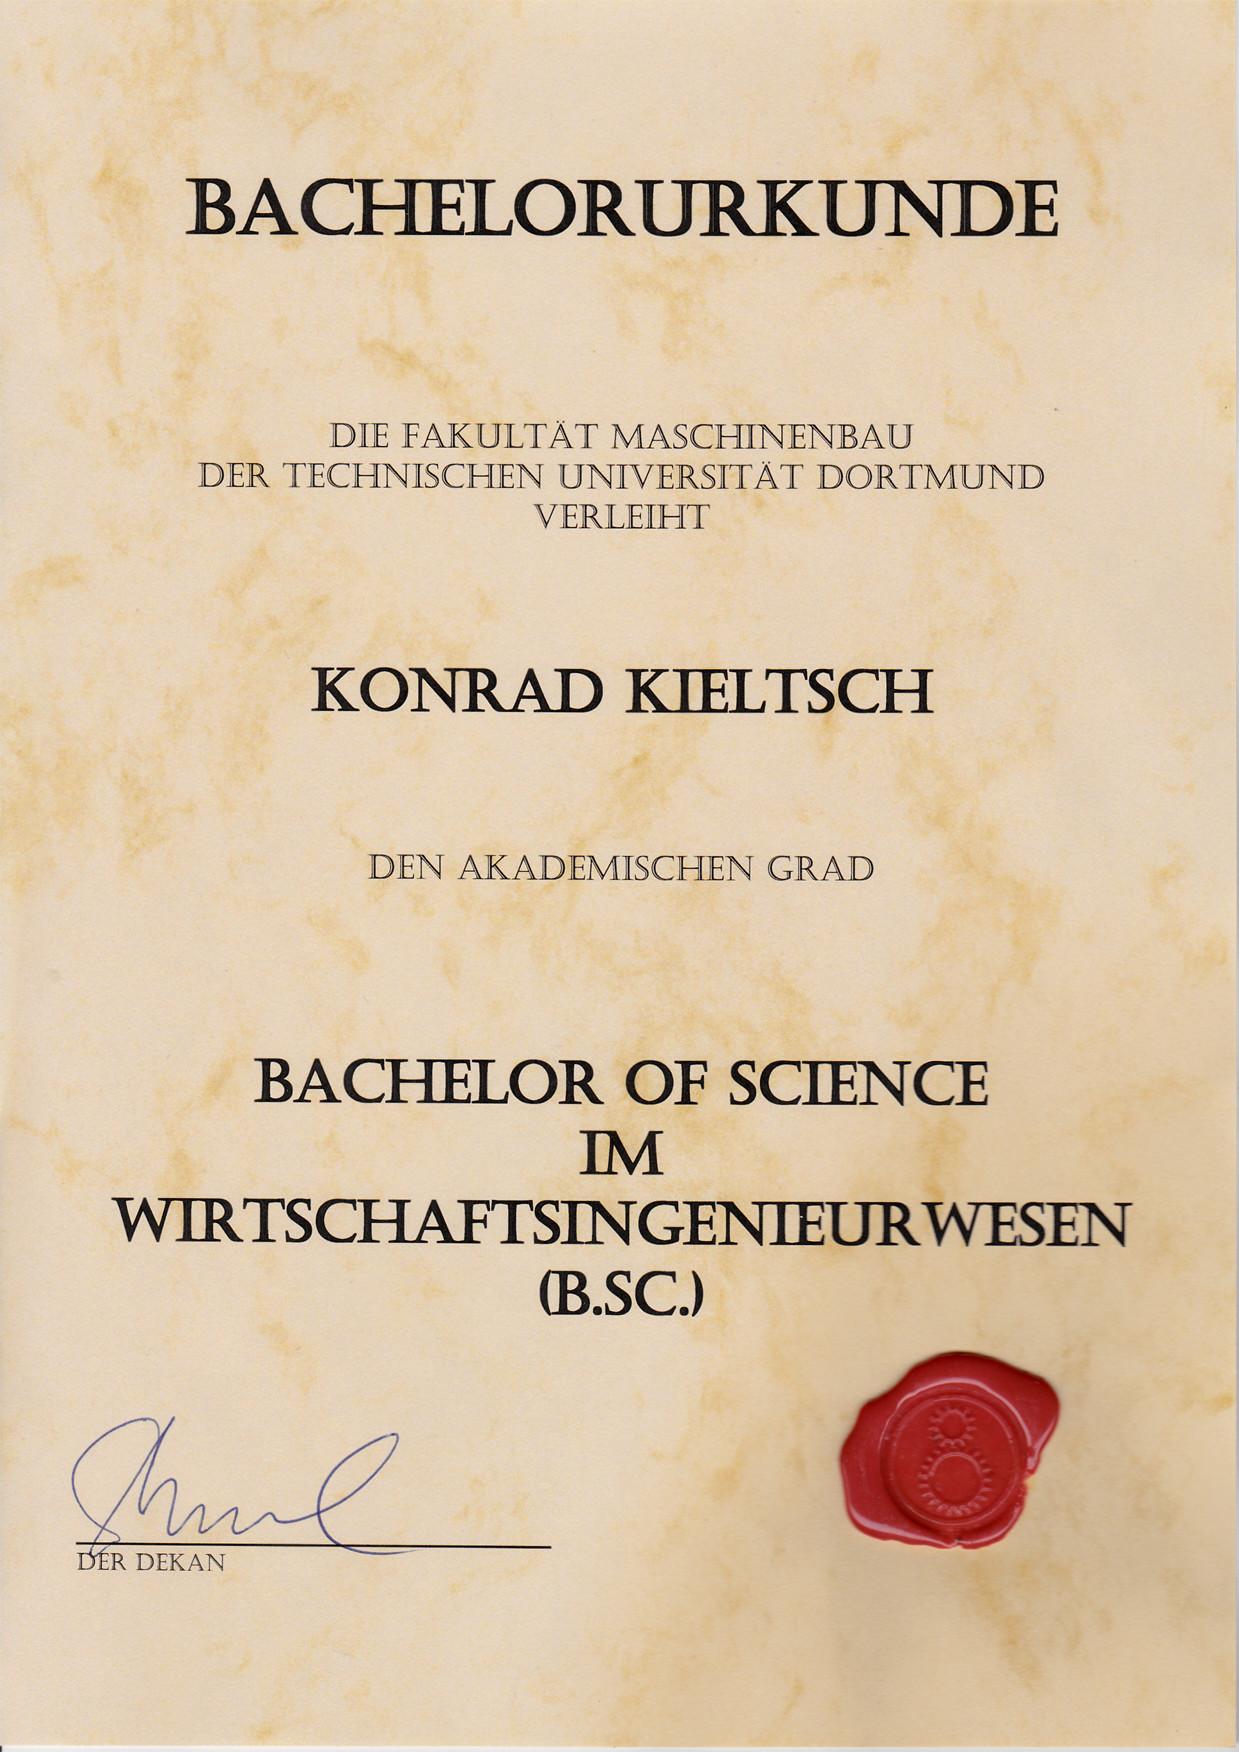 bachelor_zertifikat_klein